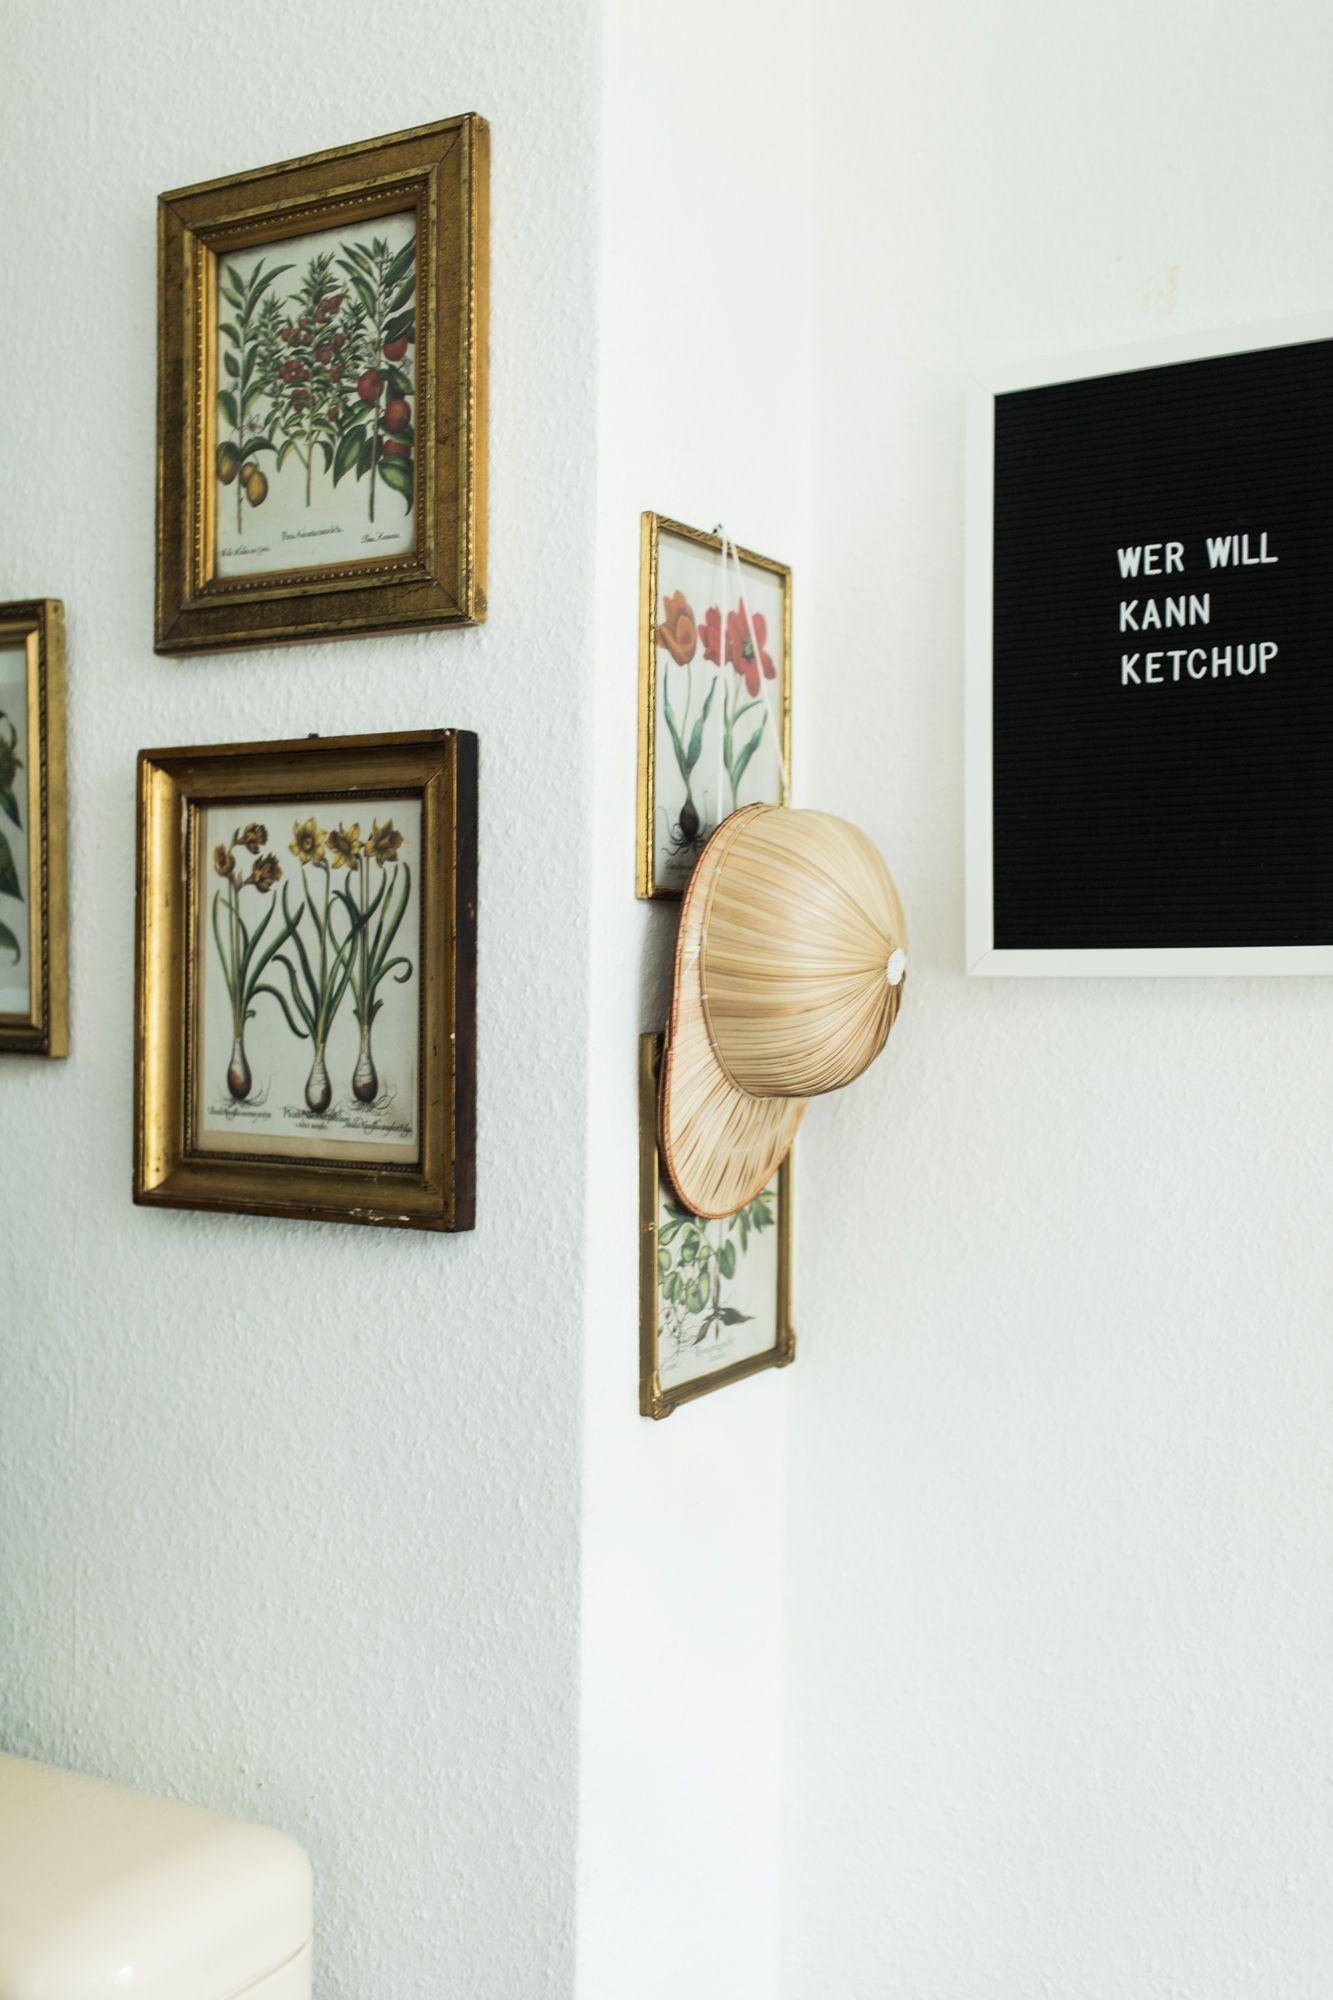 Wunderbar Zu Hause Framing Ideen - Benutzerdefinierte Bilderrahmen ...